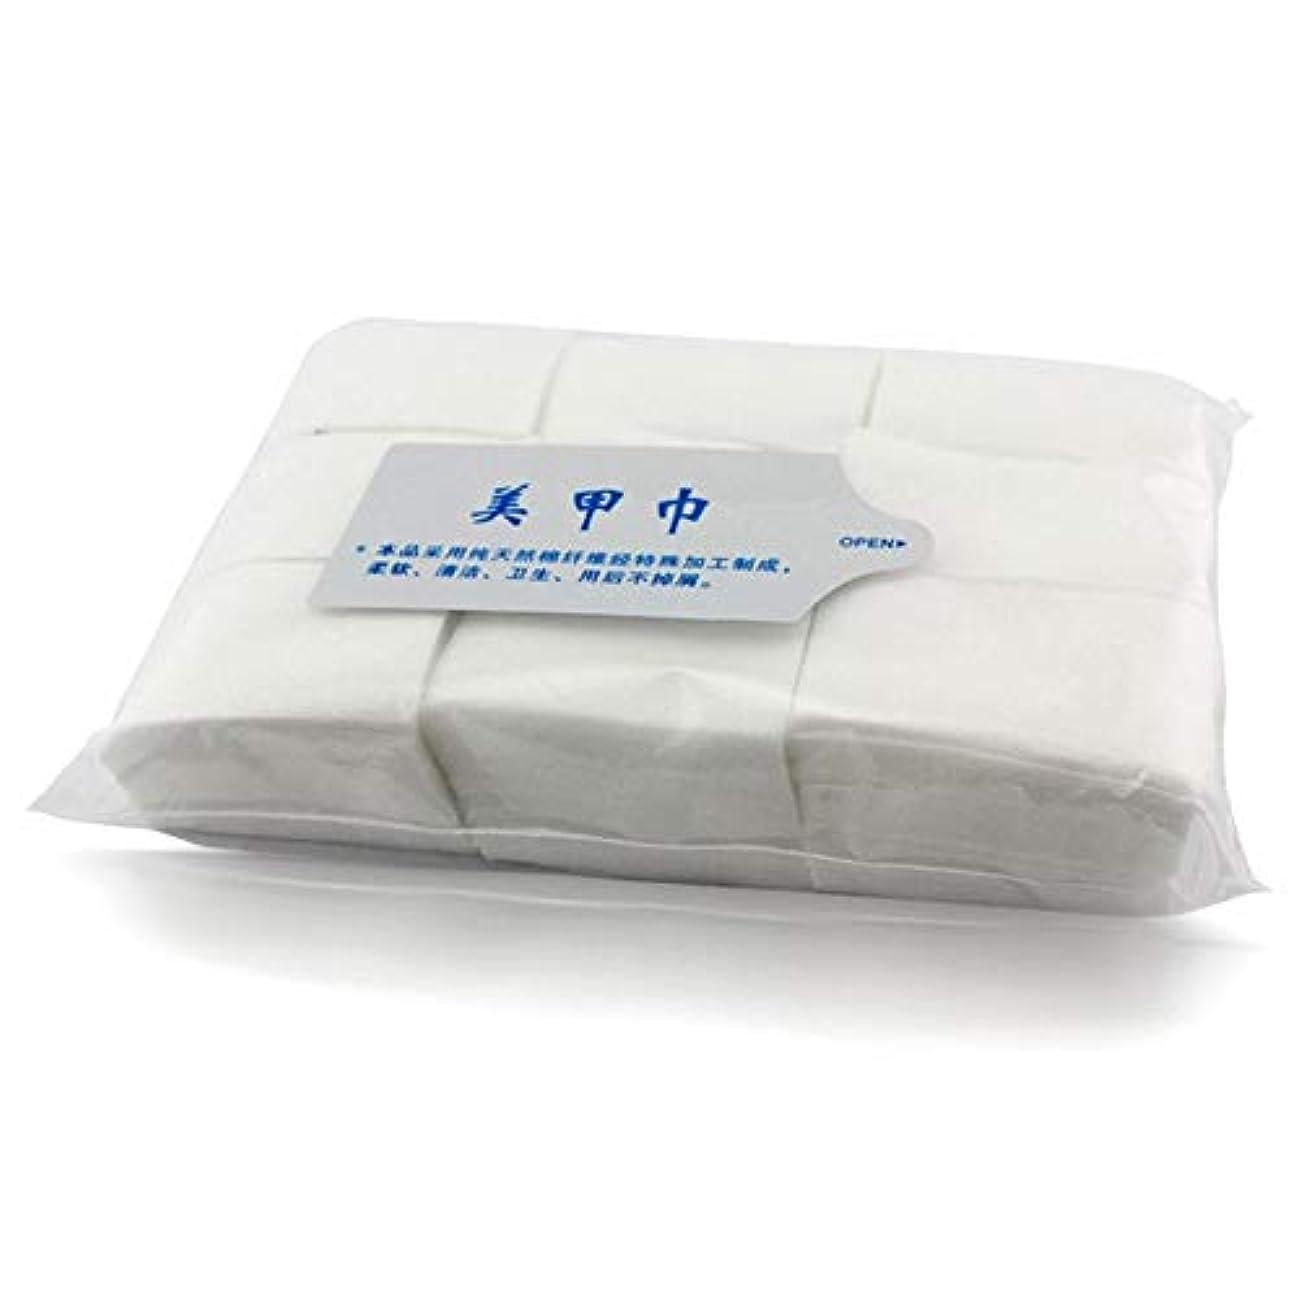 フェードアウト時間バーマドネイルワイプ 天然素材不織布 900枚入り コットン ワイプ/ジェル ネイル マニュキア オフ (2pack)